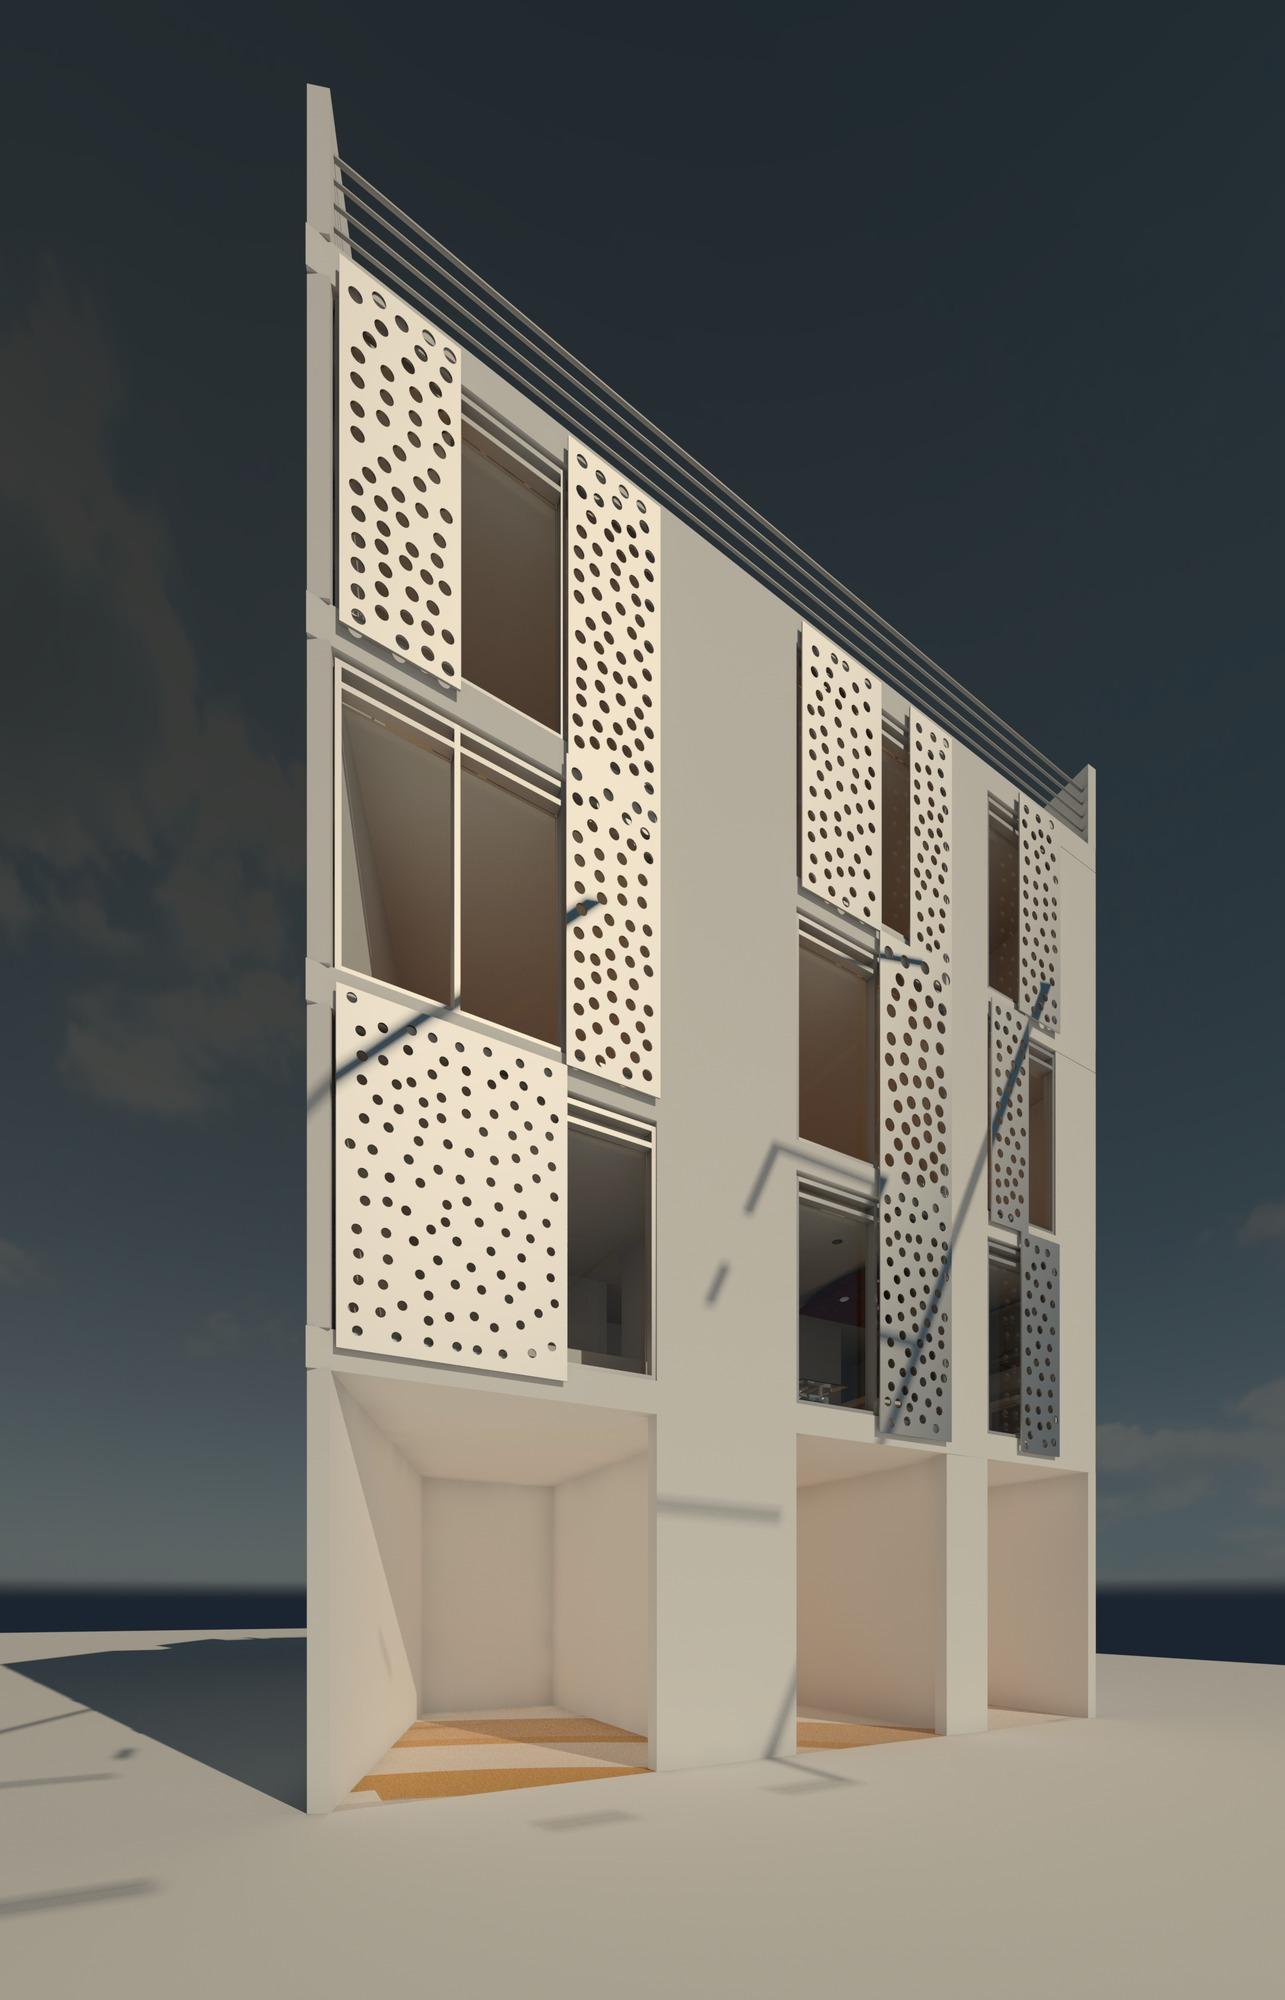 Raas-rendering20150105-17783-1eru1w7